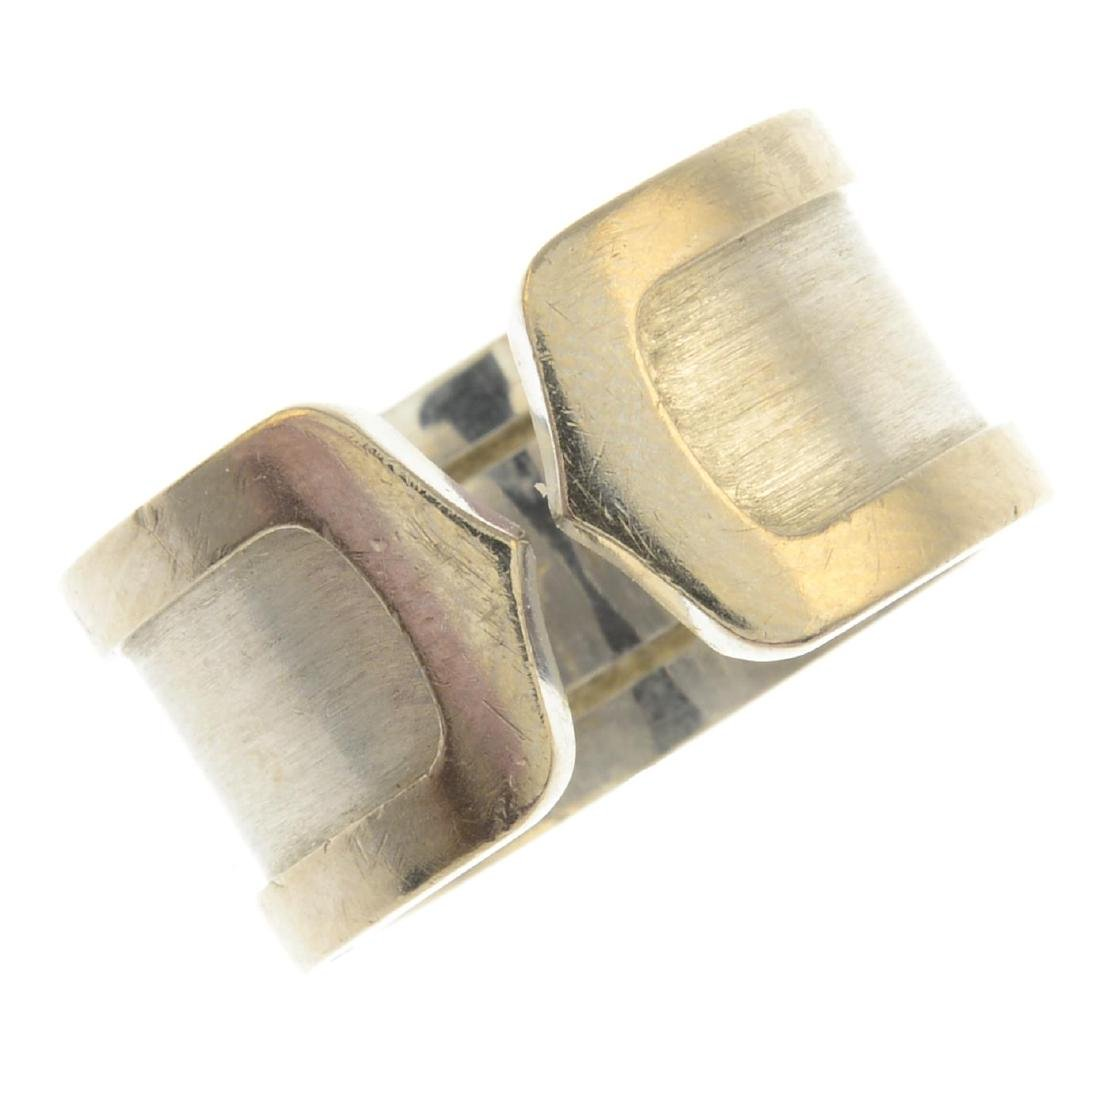 CARTIER - an 18ct gold 'C de Cartier' ring. Designed as